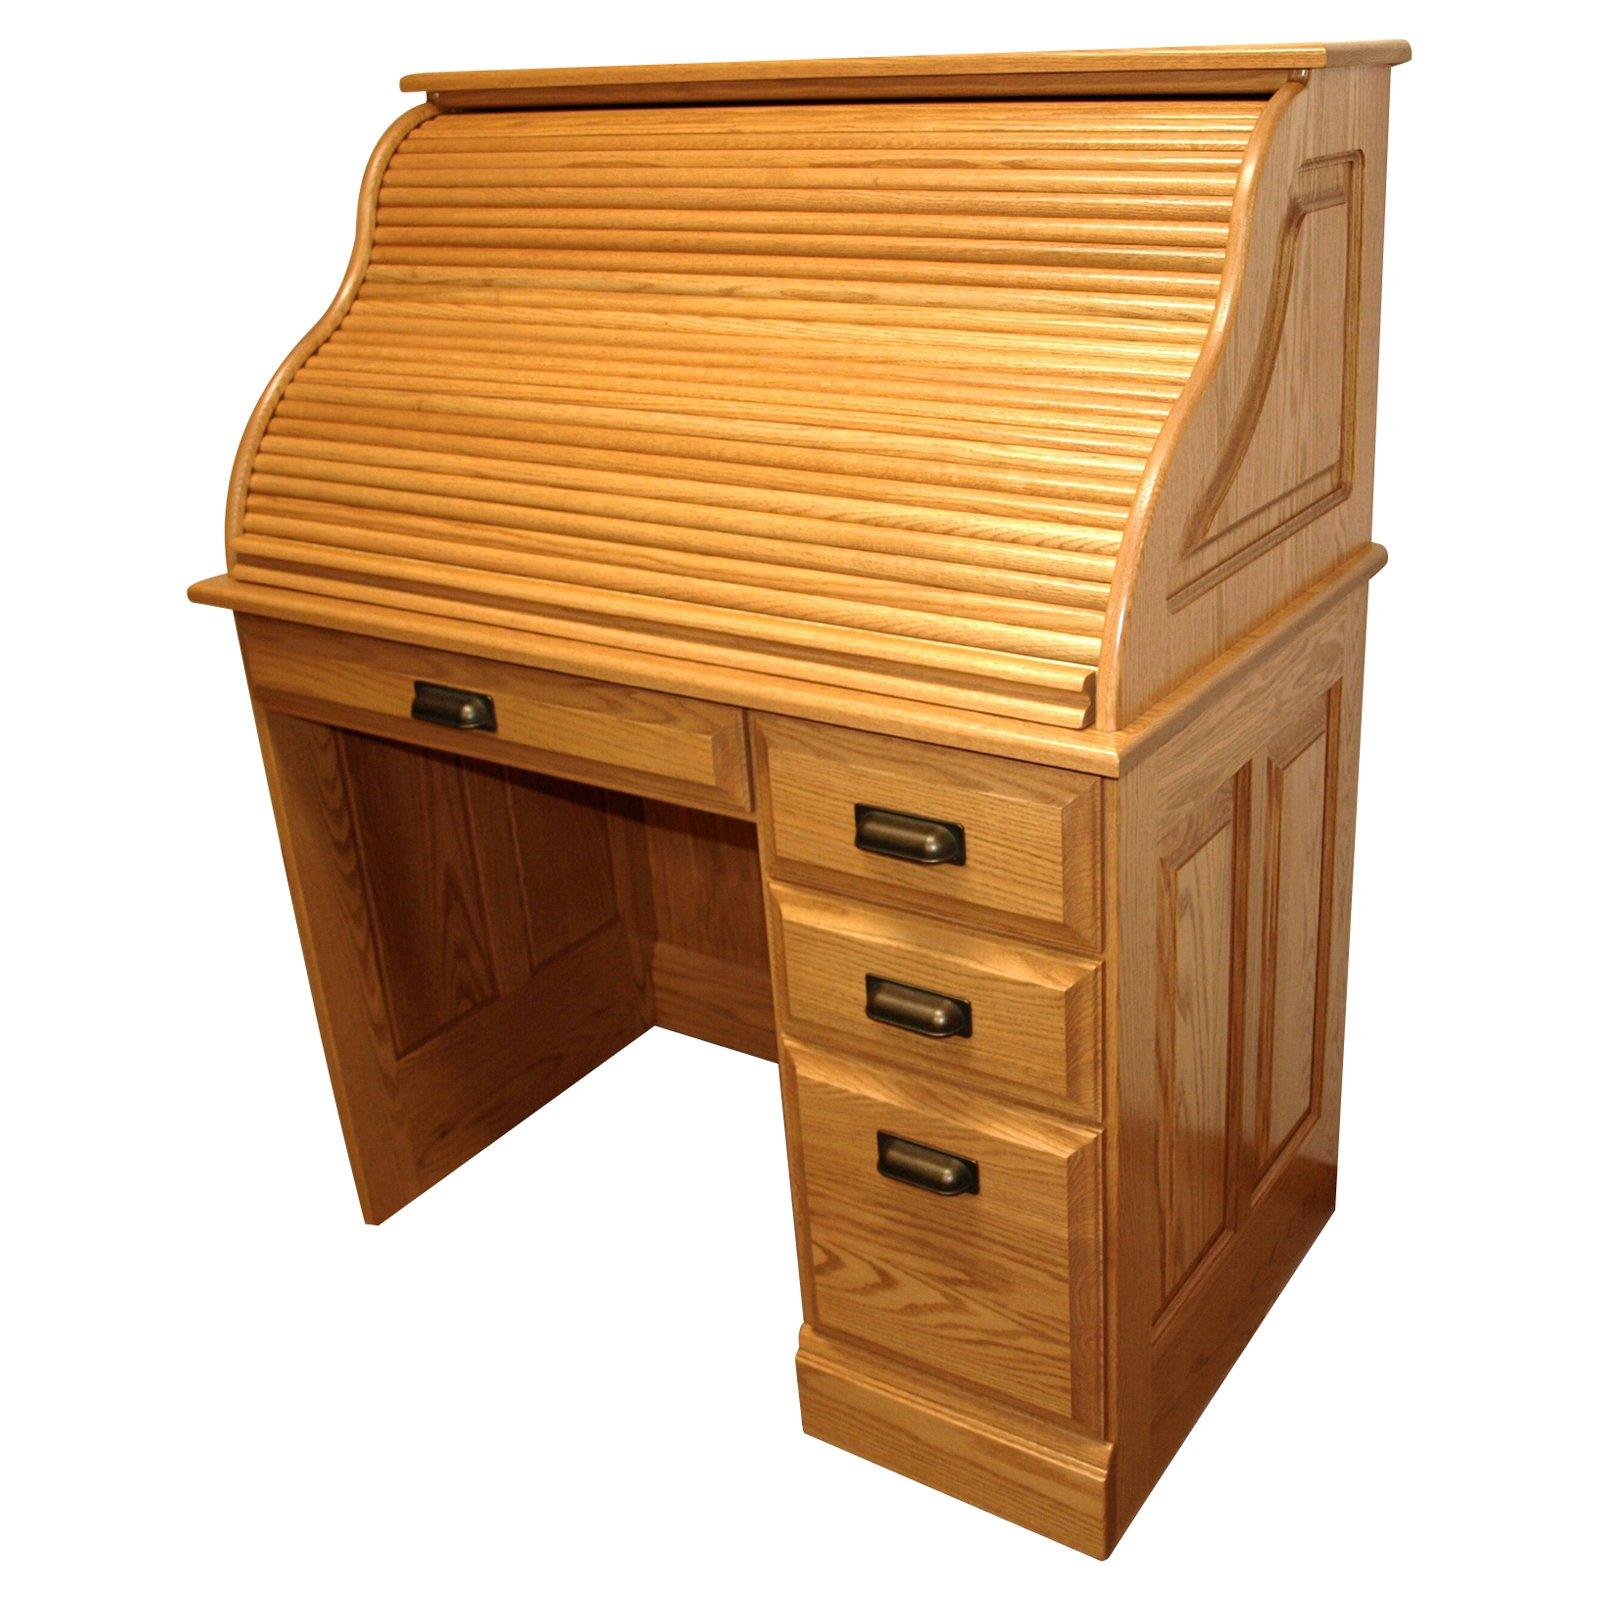 Dakota Handcrafters Single Pedestal Roll Top Desk